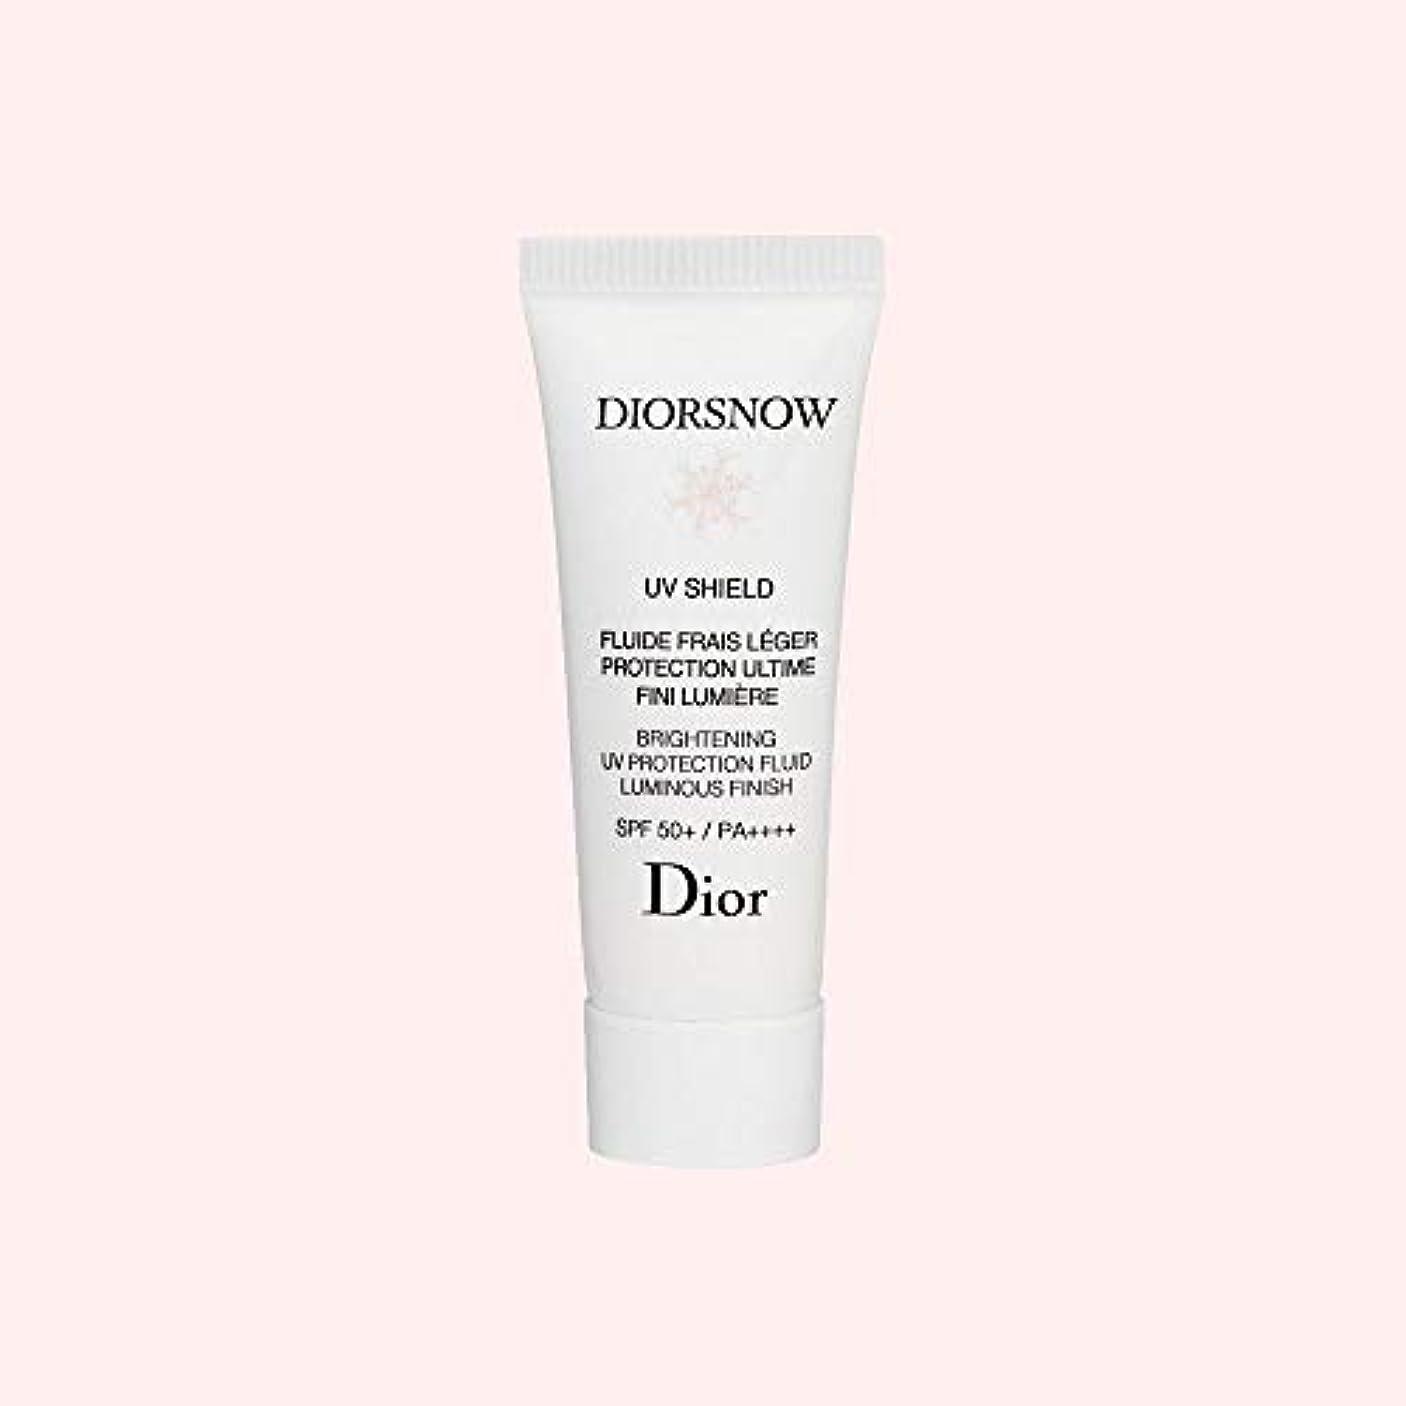 見落とす暗くする摂氏度ディオール(Dior) 【ミニサイズ】ディオール スノー ブライトニング UVプロテクション 50+ 【数量限定激安!】 [並行輸入品]